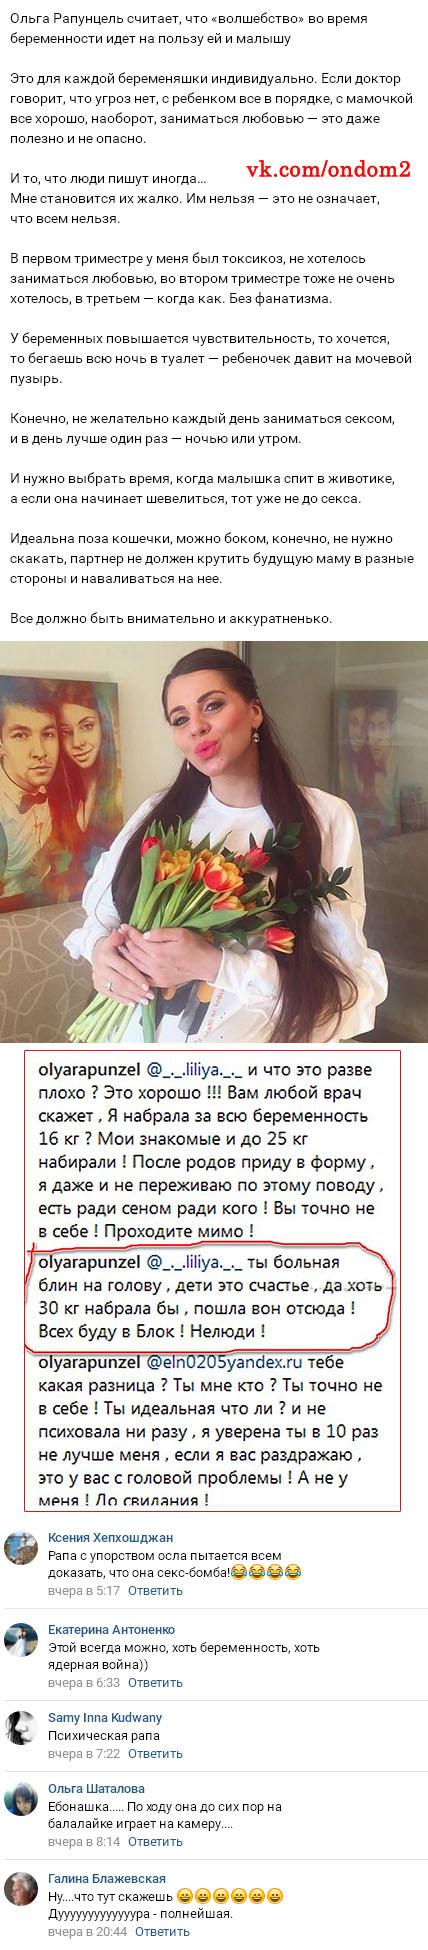 Обсуждение поста Ольги Рапунцель вконтакте